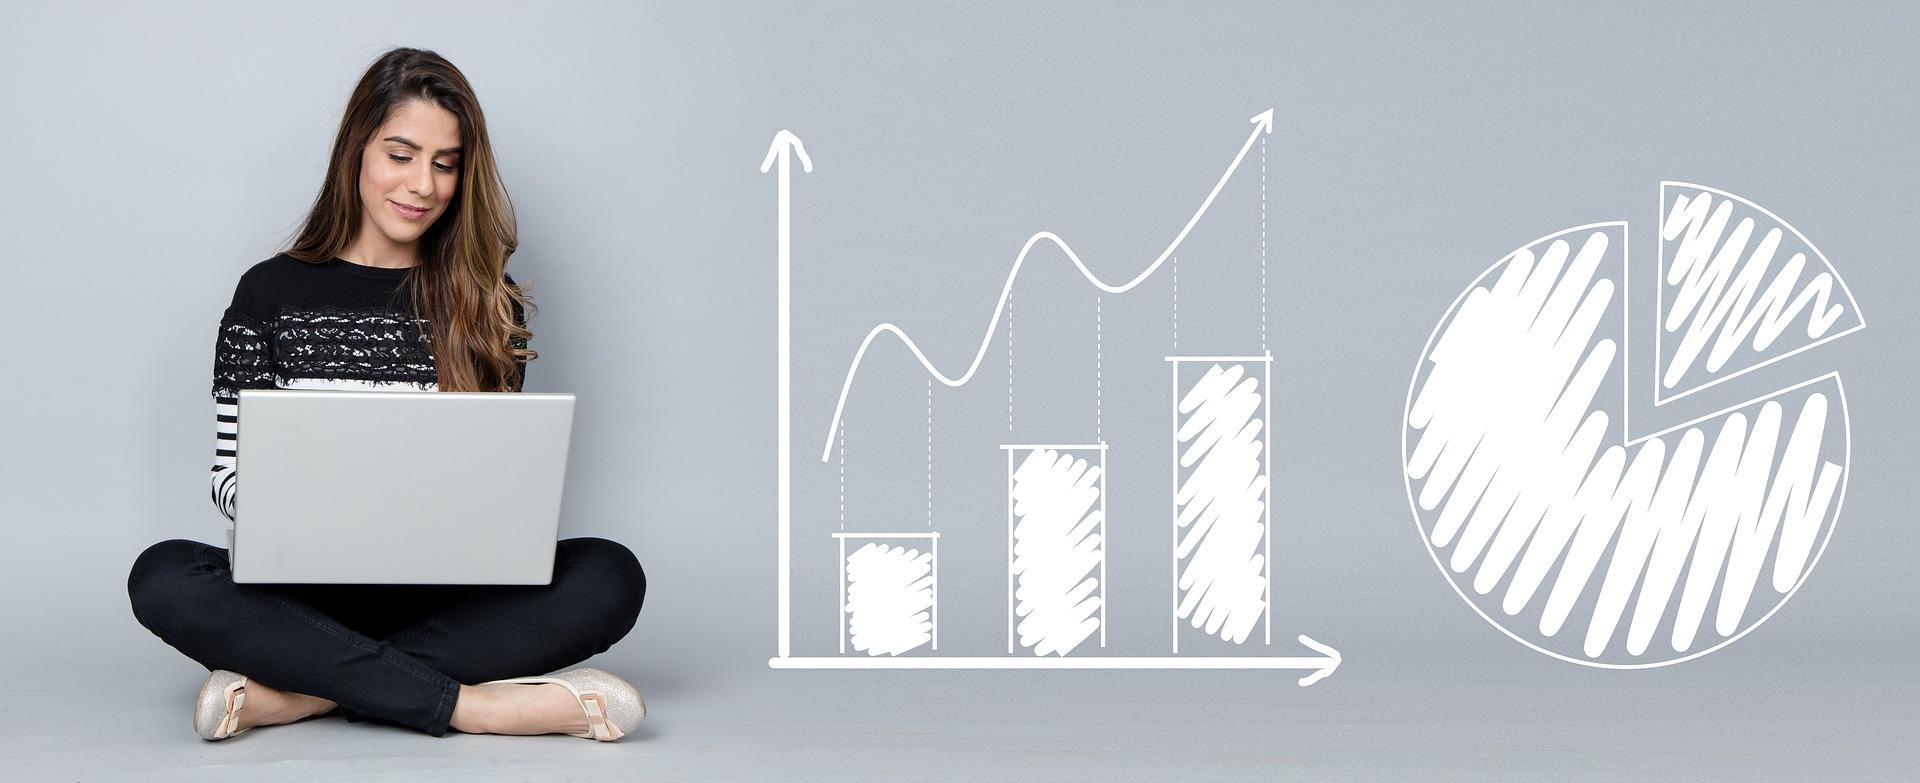 O que você pode fazer para organizar suas finanças e mudar a sua vida?